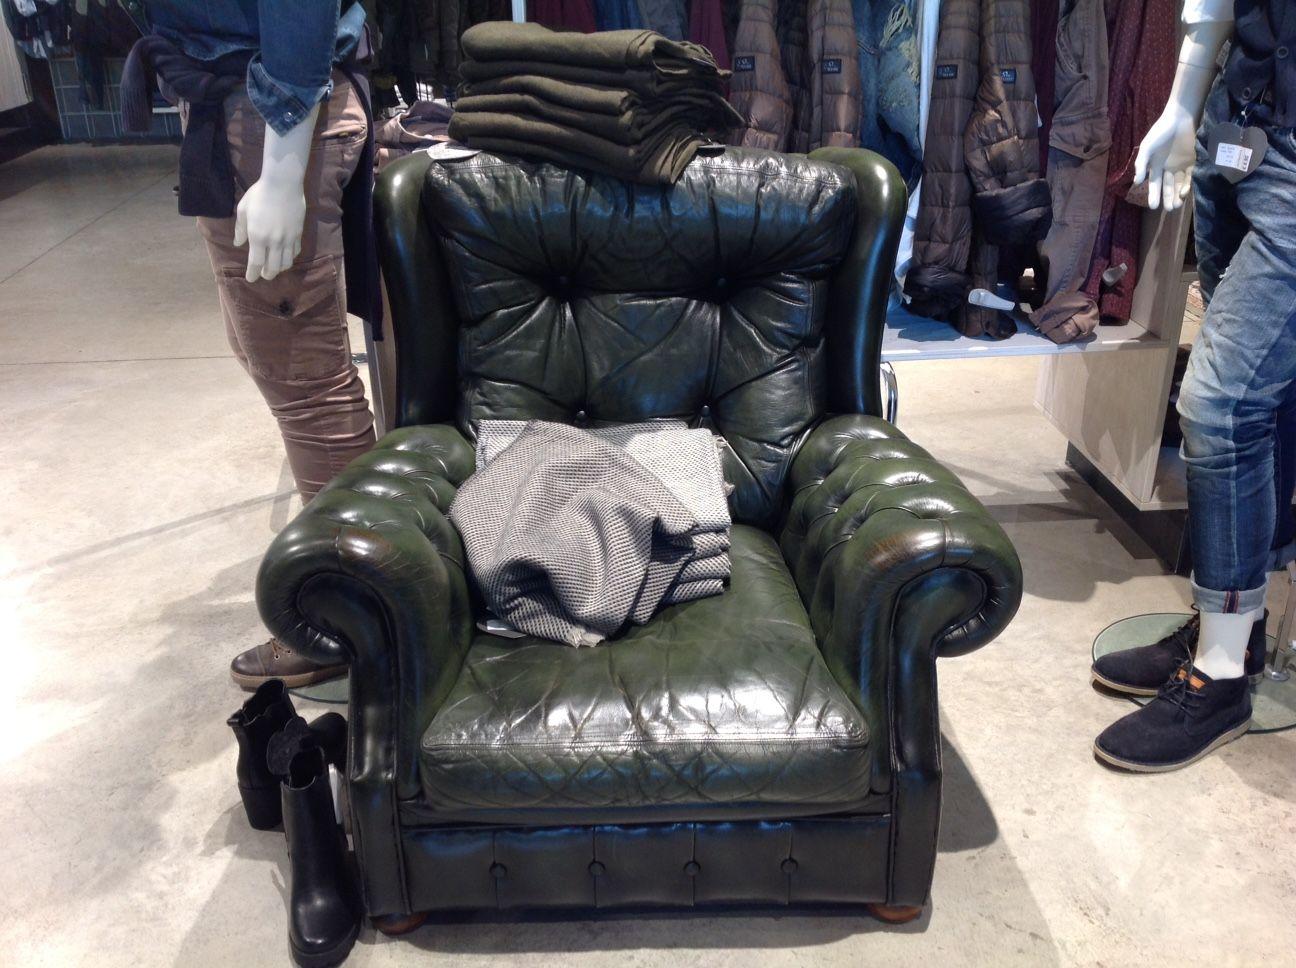 """Allestimento presso il negozio """"Milano moda"""" a Trezzo d'Adda img_4722.jpg"""